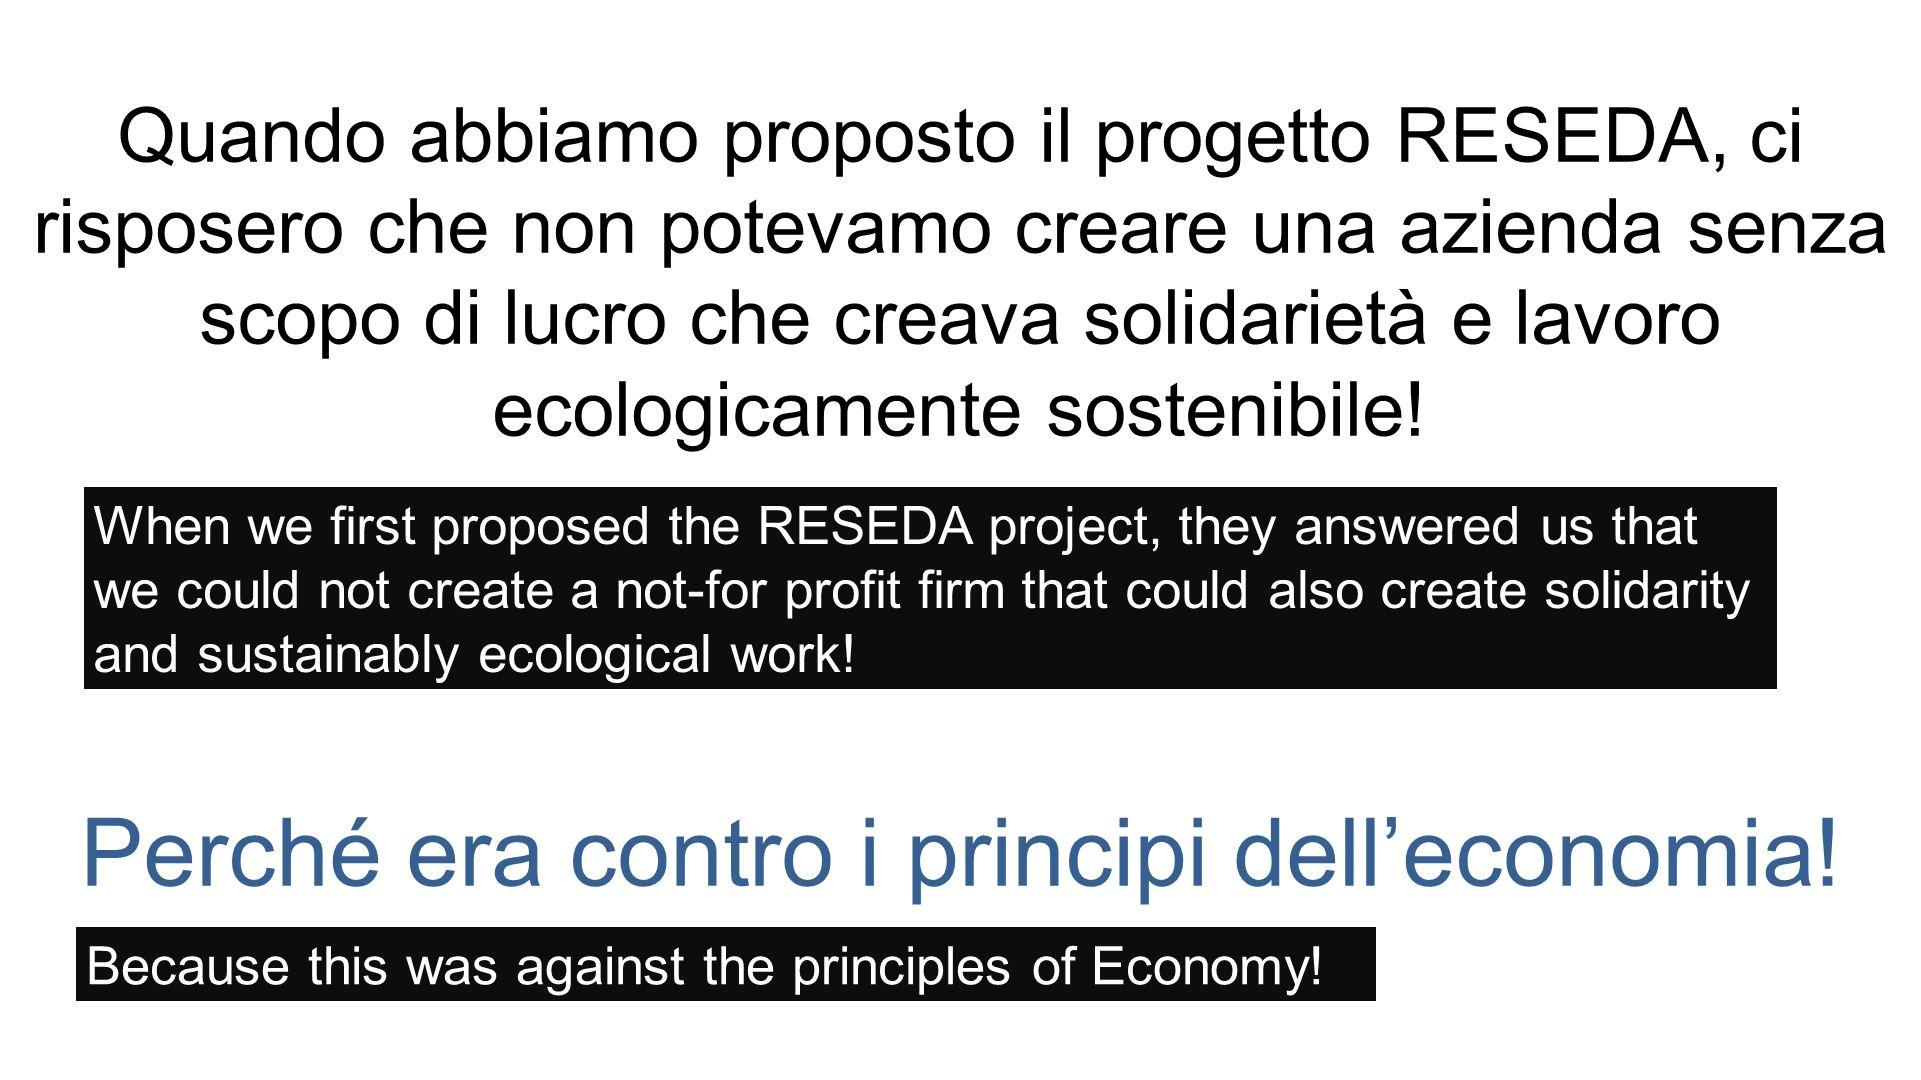 Quando abbiamo proposto il progetto RESEDA, ci risposero che non potevamo creare una azienda senza scopo di lucro che creava solidarietà e lavoro ecologicamente sostenibile.